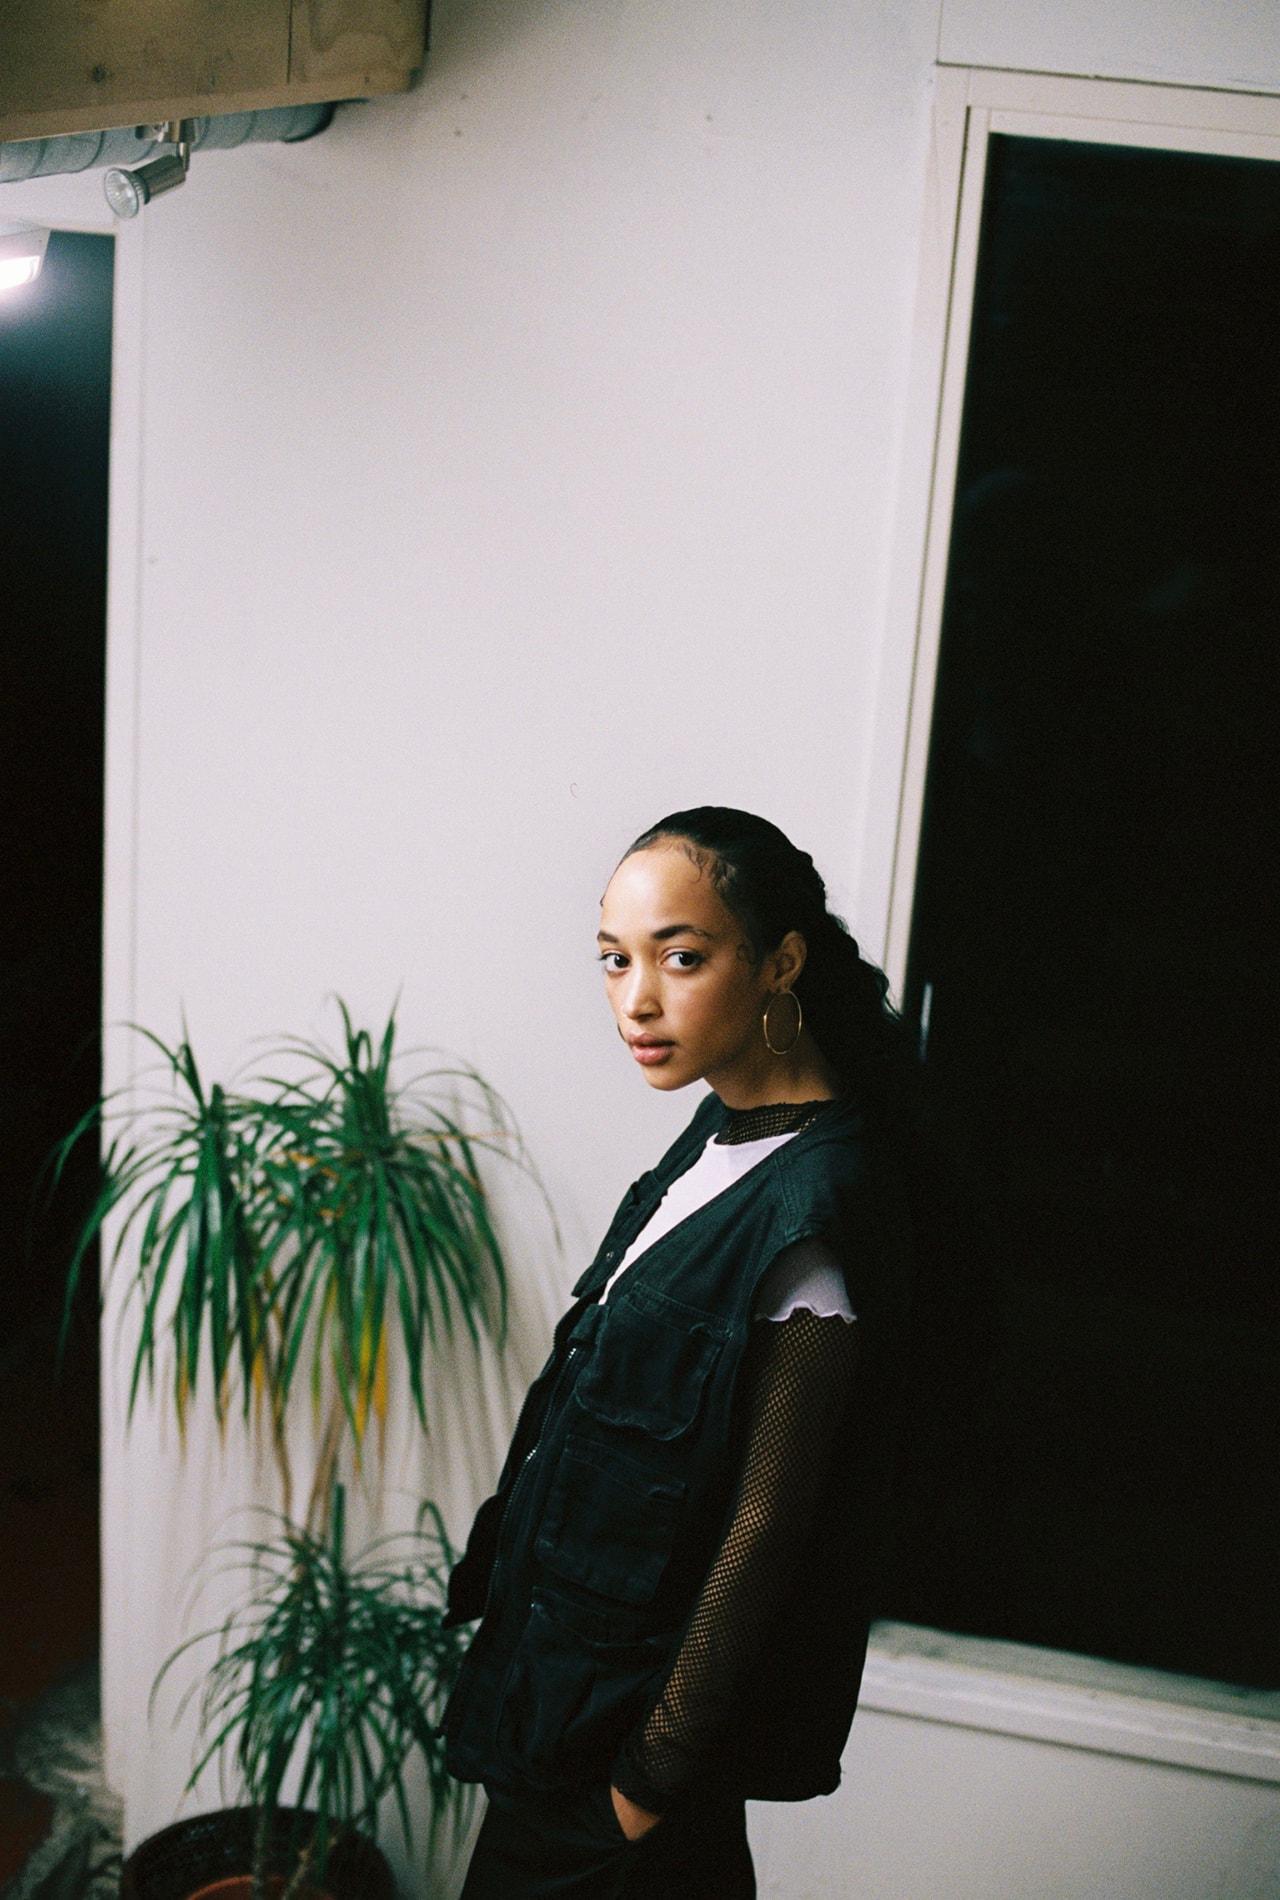 RIMON Amsterdam Singer-Songwriter Artist Netherlands Hip Hop Neo Soul Portrait Eritrean